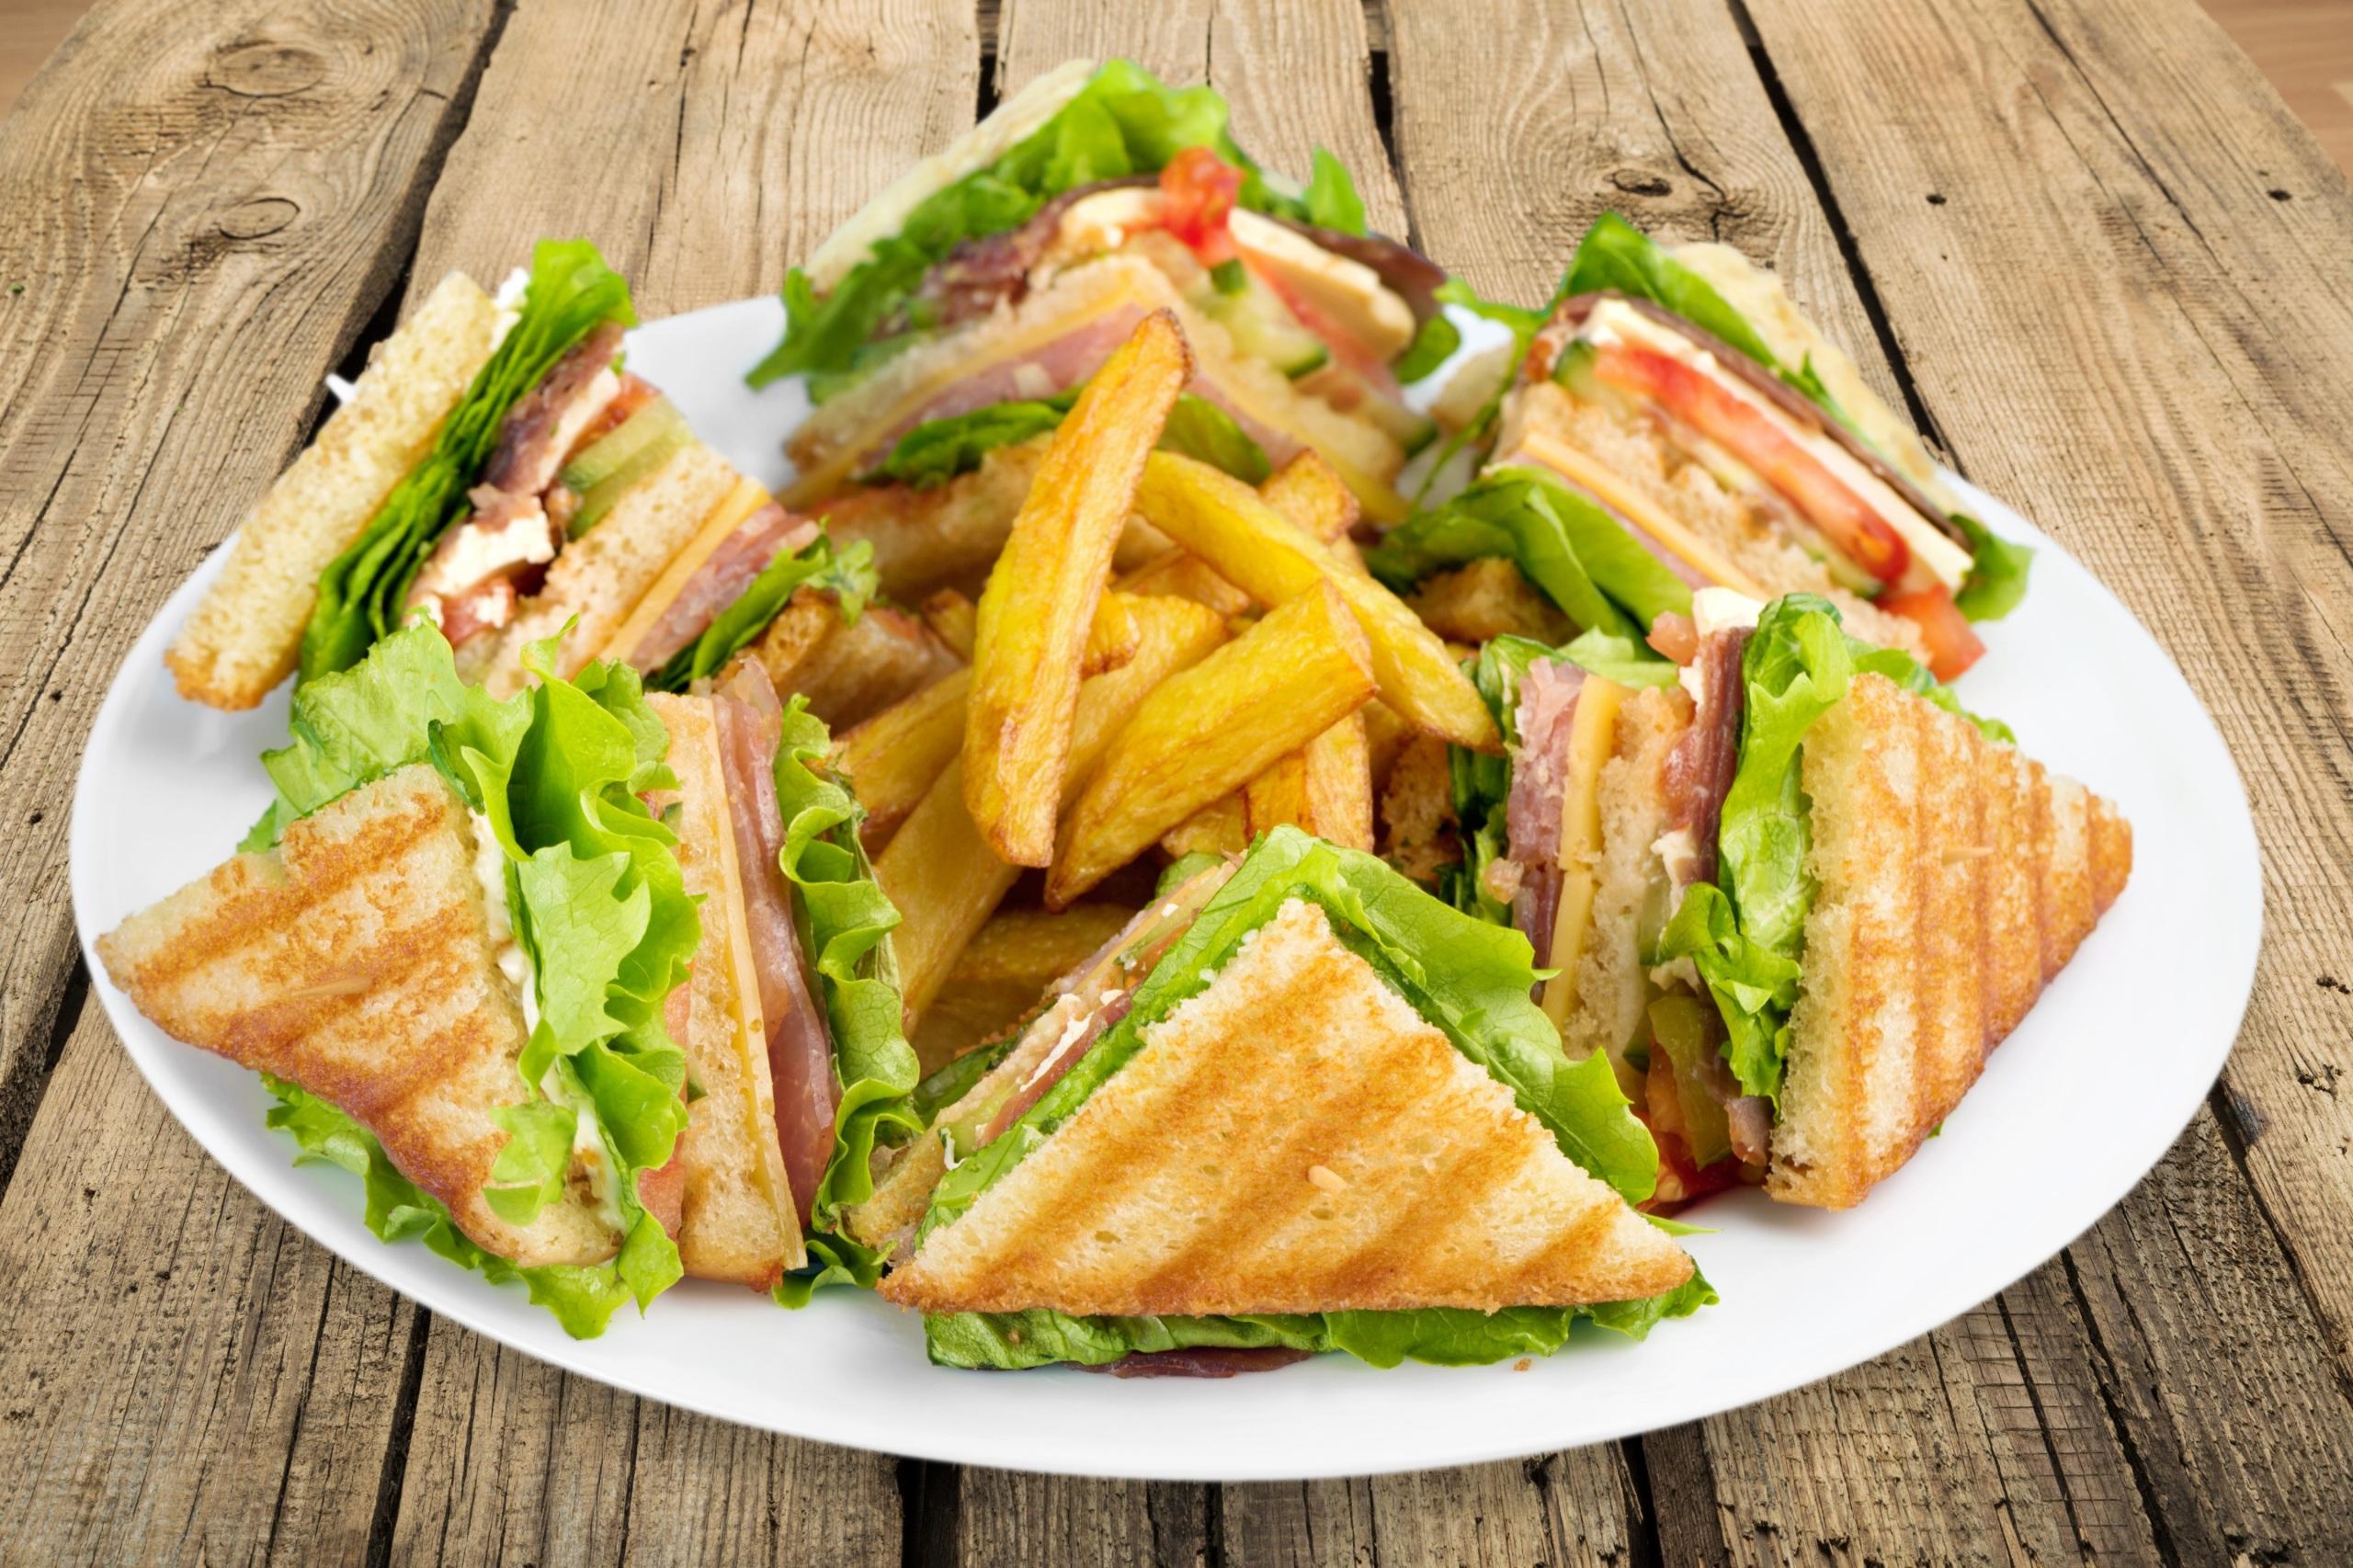 Обои для рабочего стола Сэндвич Картофель фри Еда Тарелка Доски 2560x1706 Пища тарелке Продукты питания